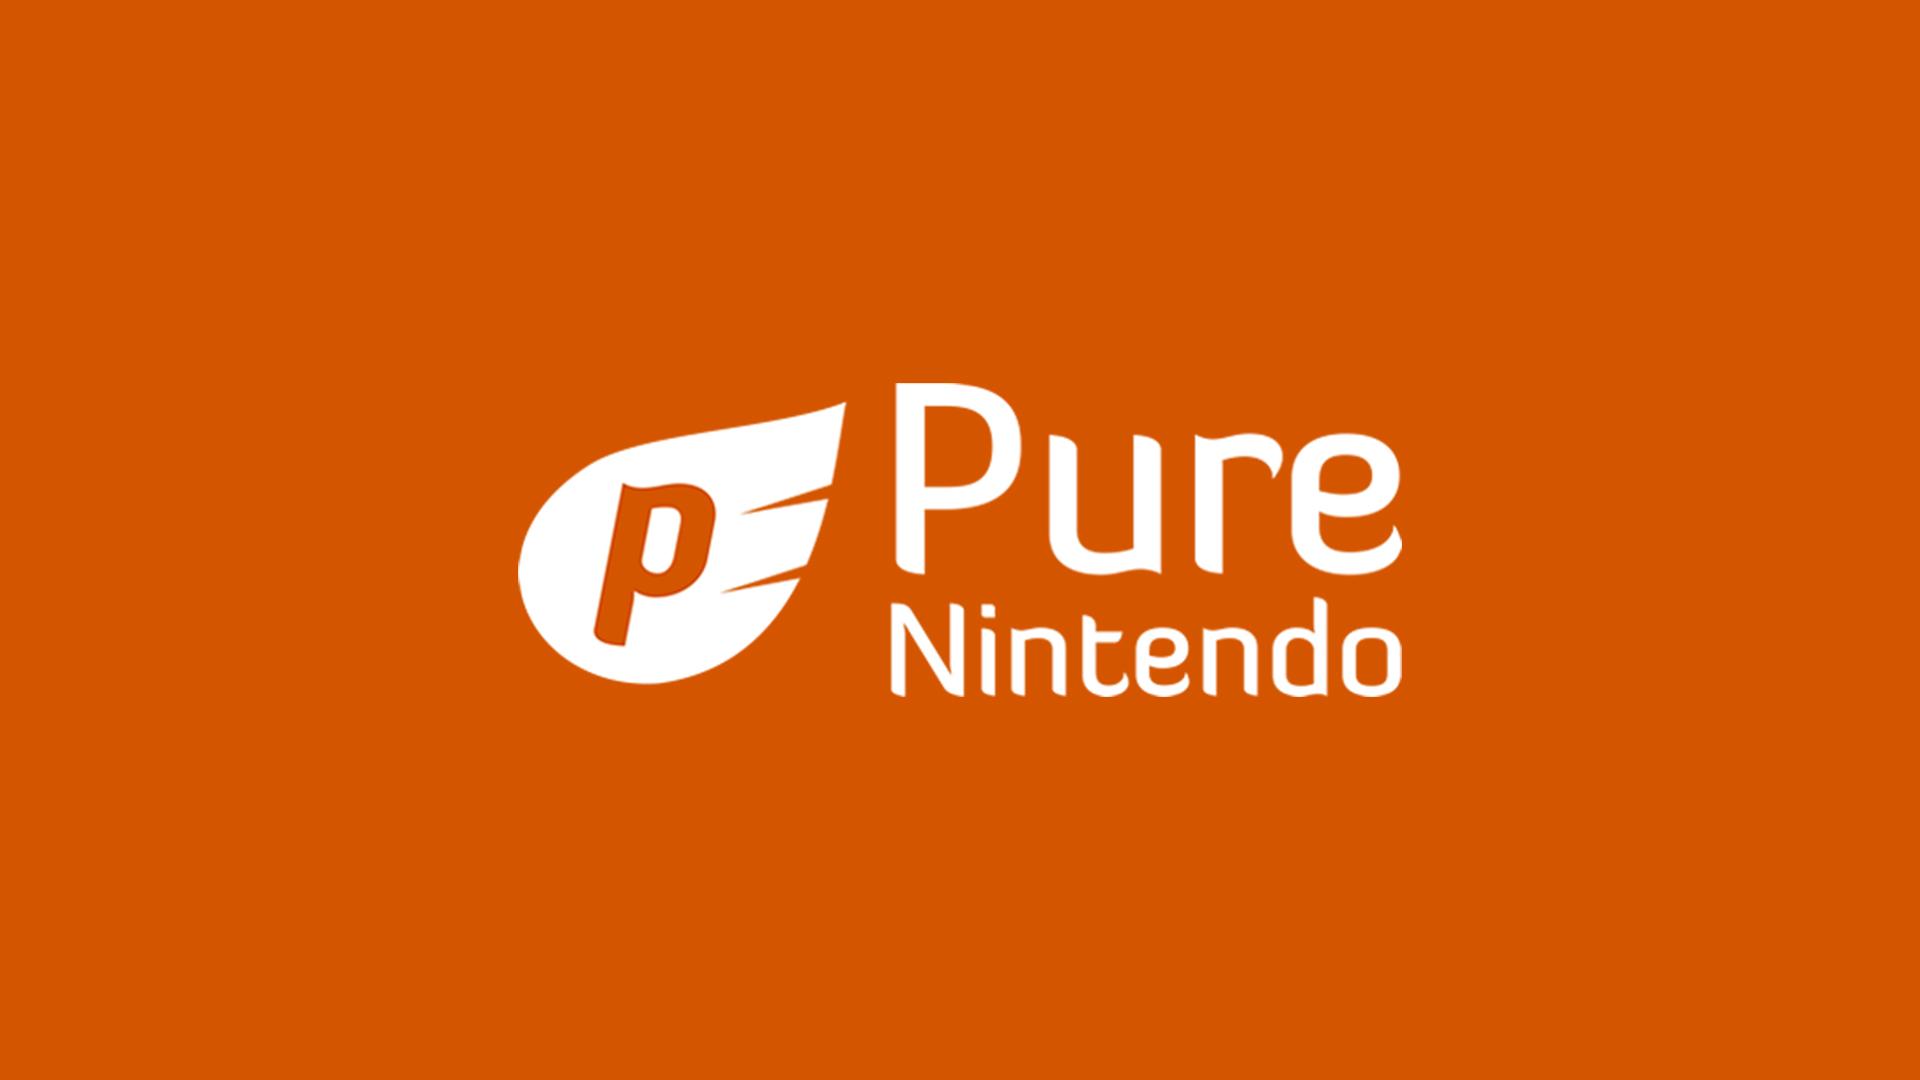 Pure-Nintendo-logo